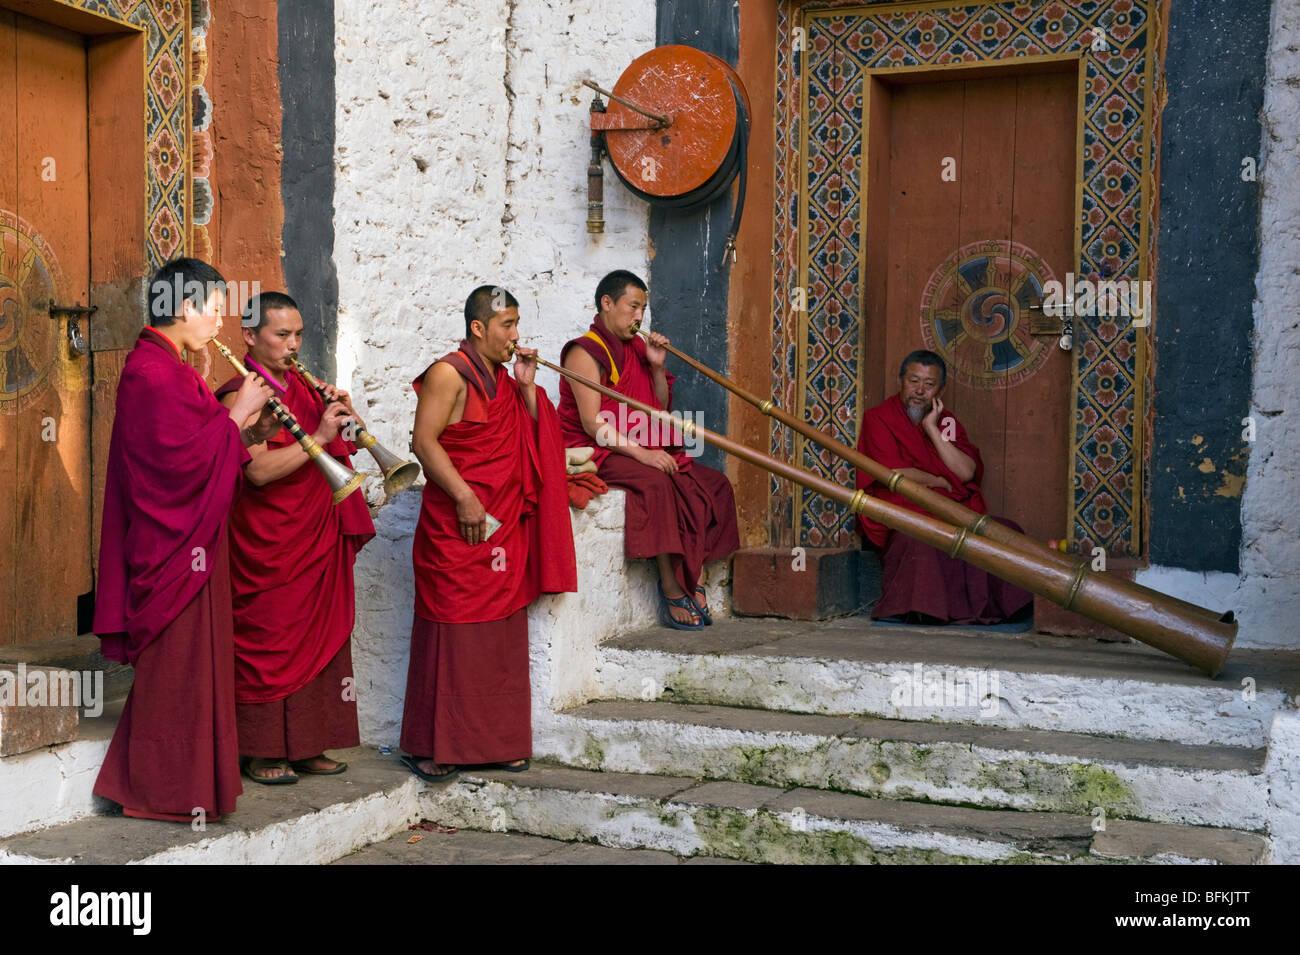 Monks play horns, Trongsa Dzong, BHUTAN - Stock Image